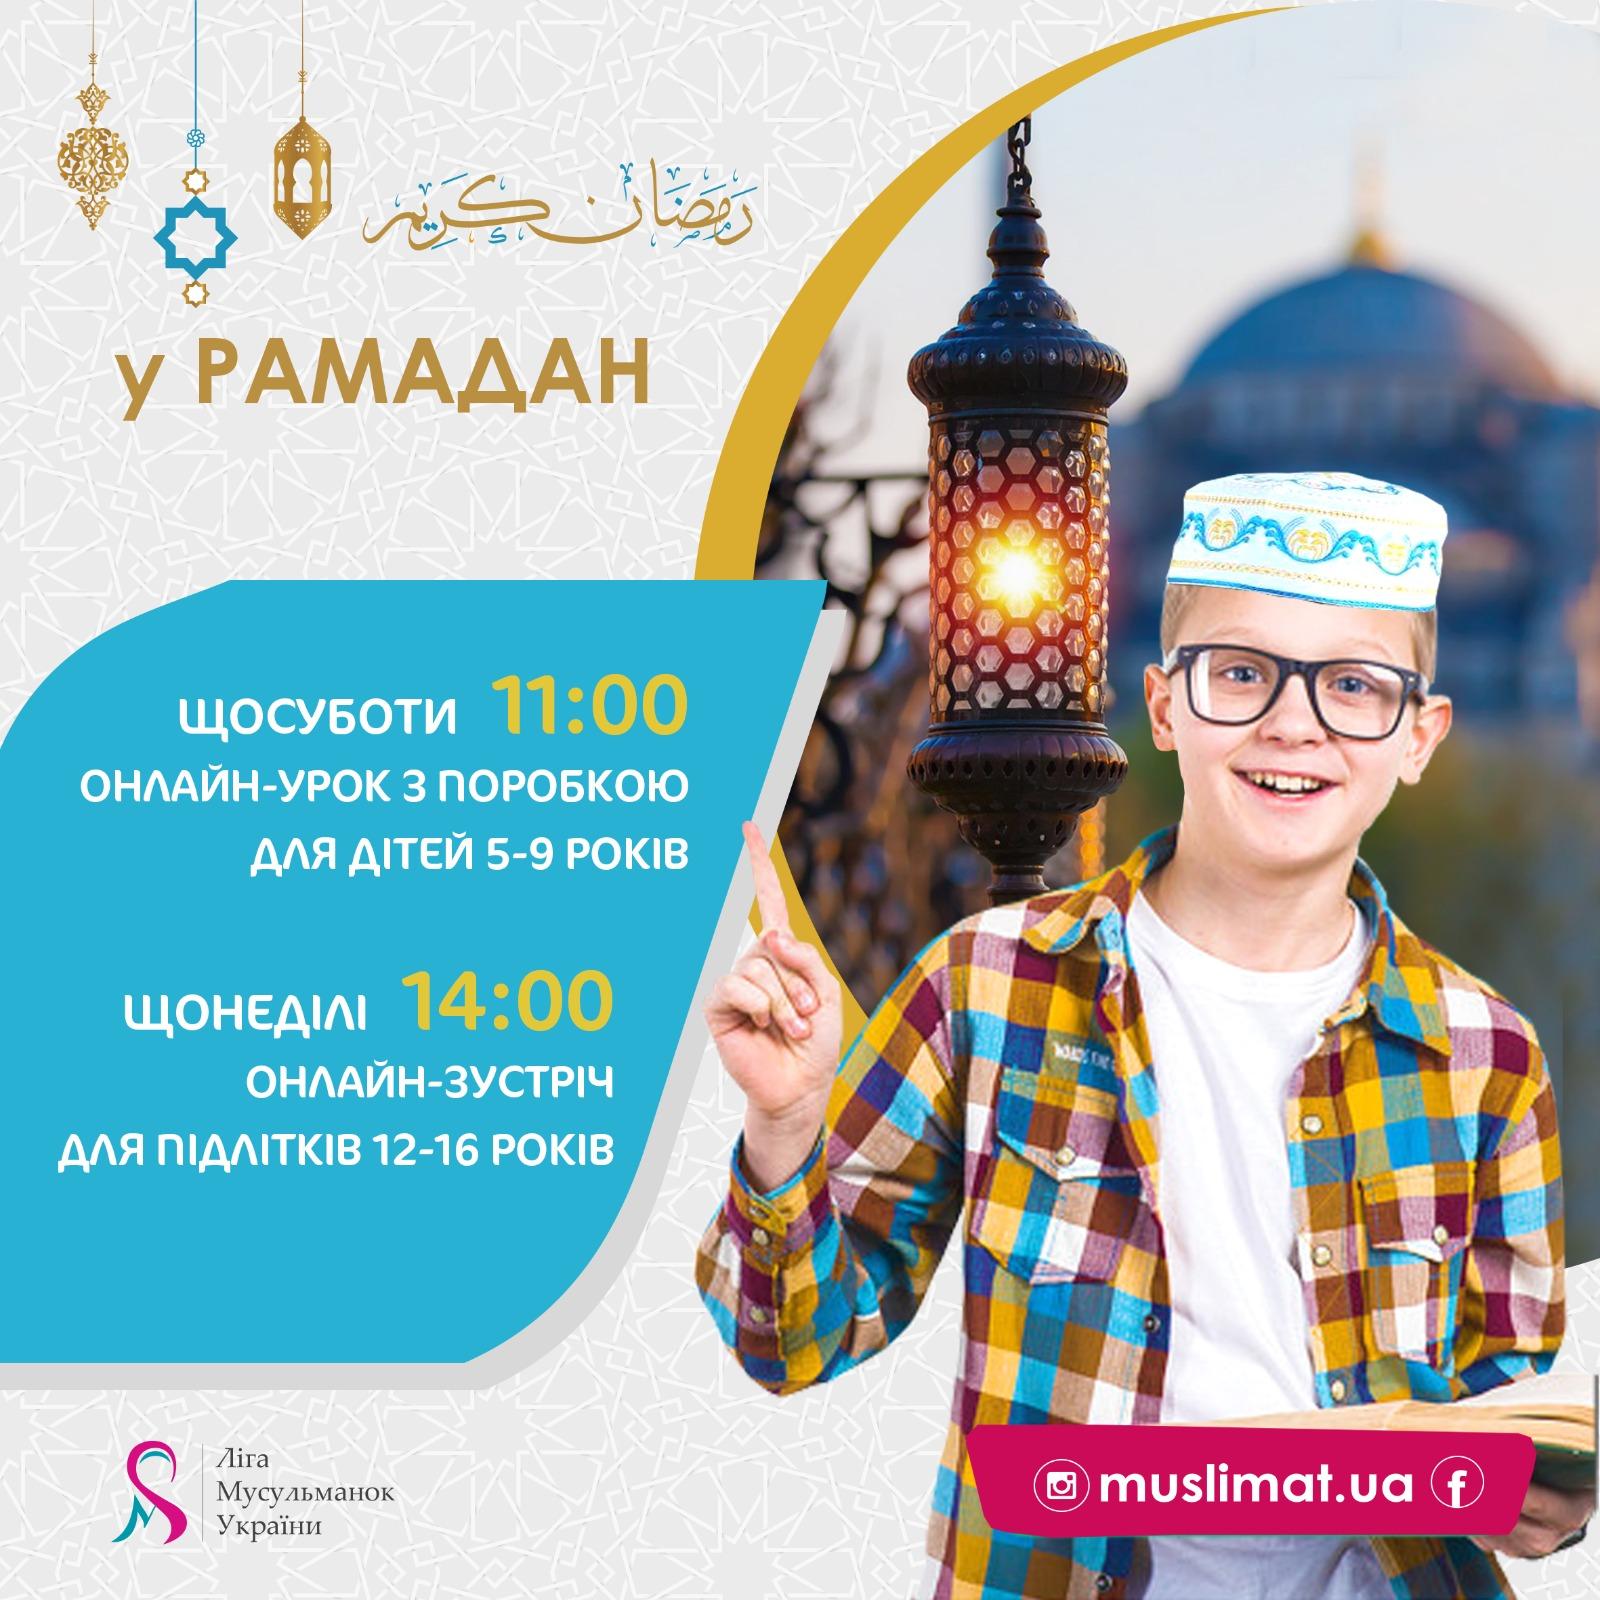 Карантин не помешает самосовершенствованию в Рамадан: Лига мусульманок Украины начала серию онлайн-мероприятий